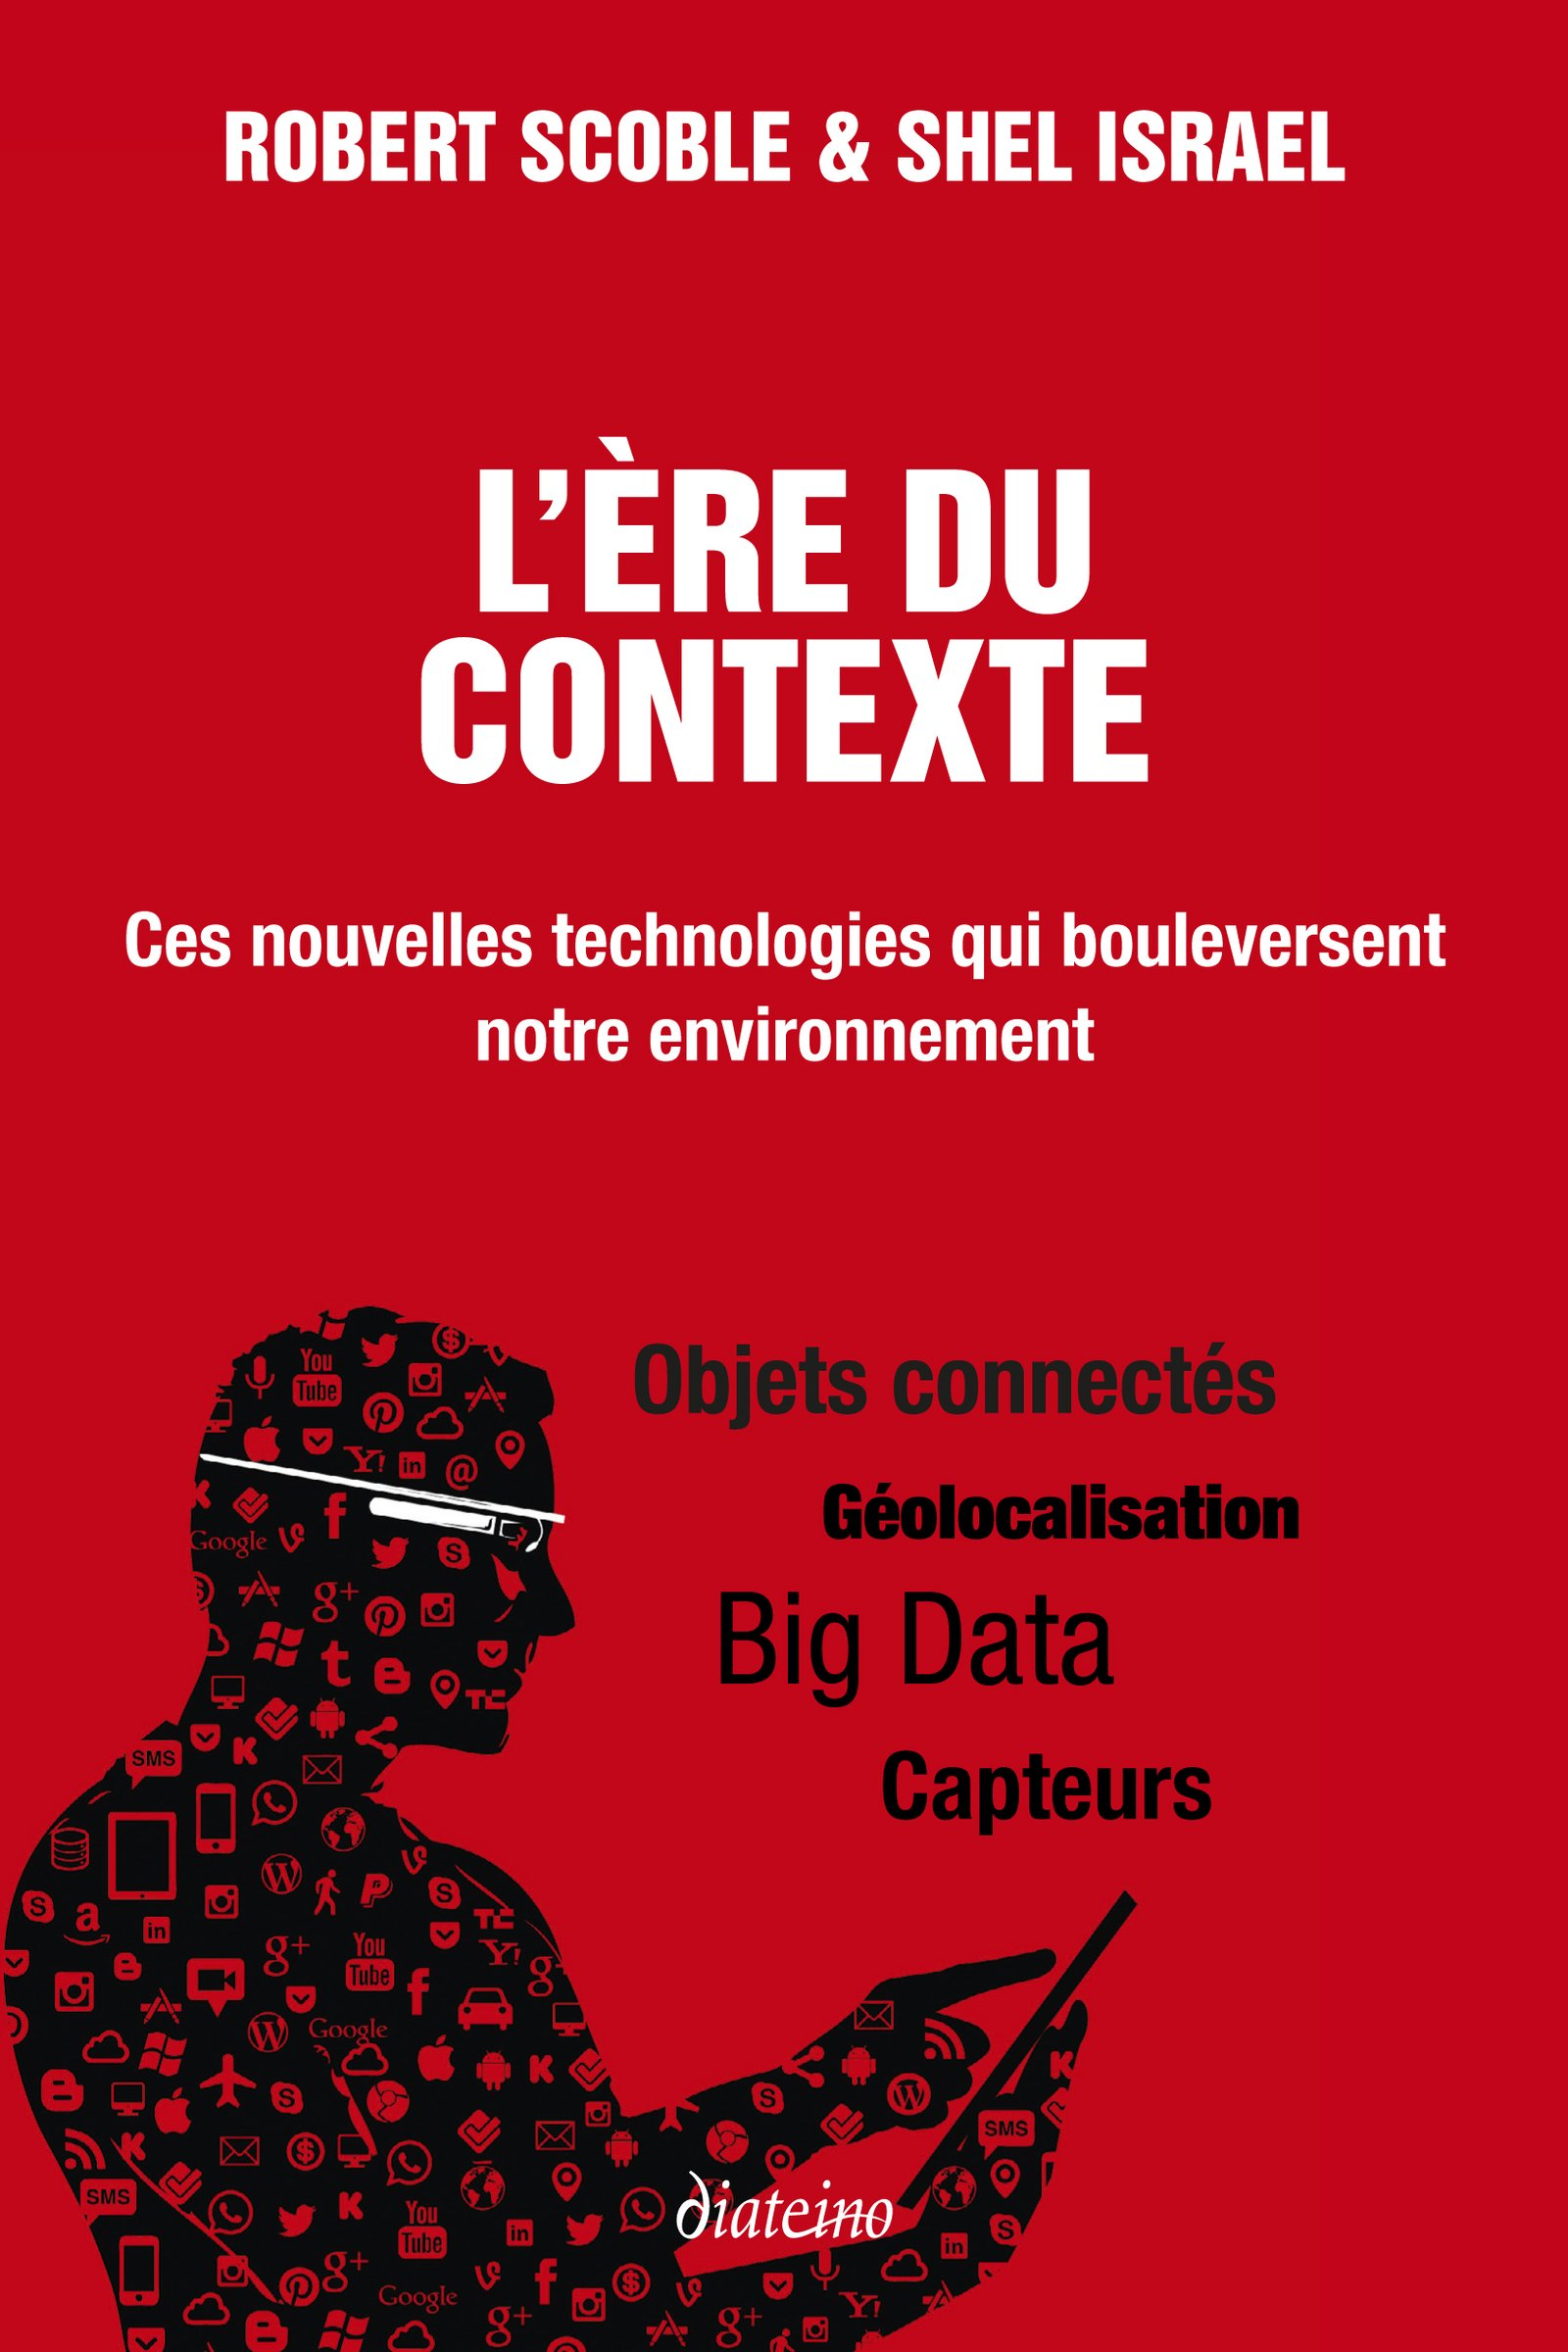 L'ère du contexte : Ces nouvelles technologies qui bouleversent notre environnement